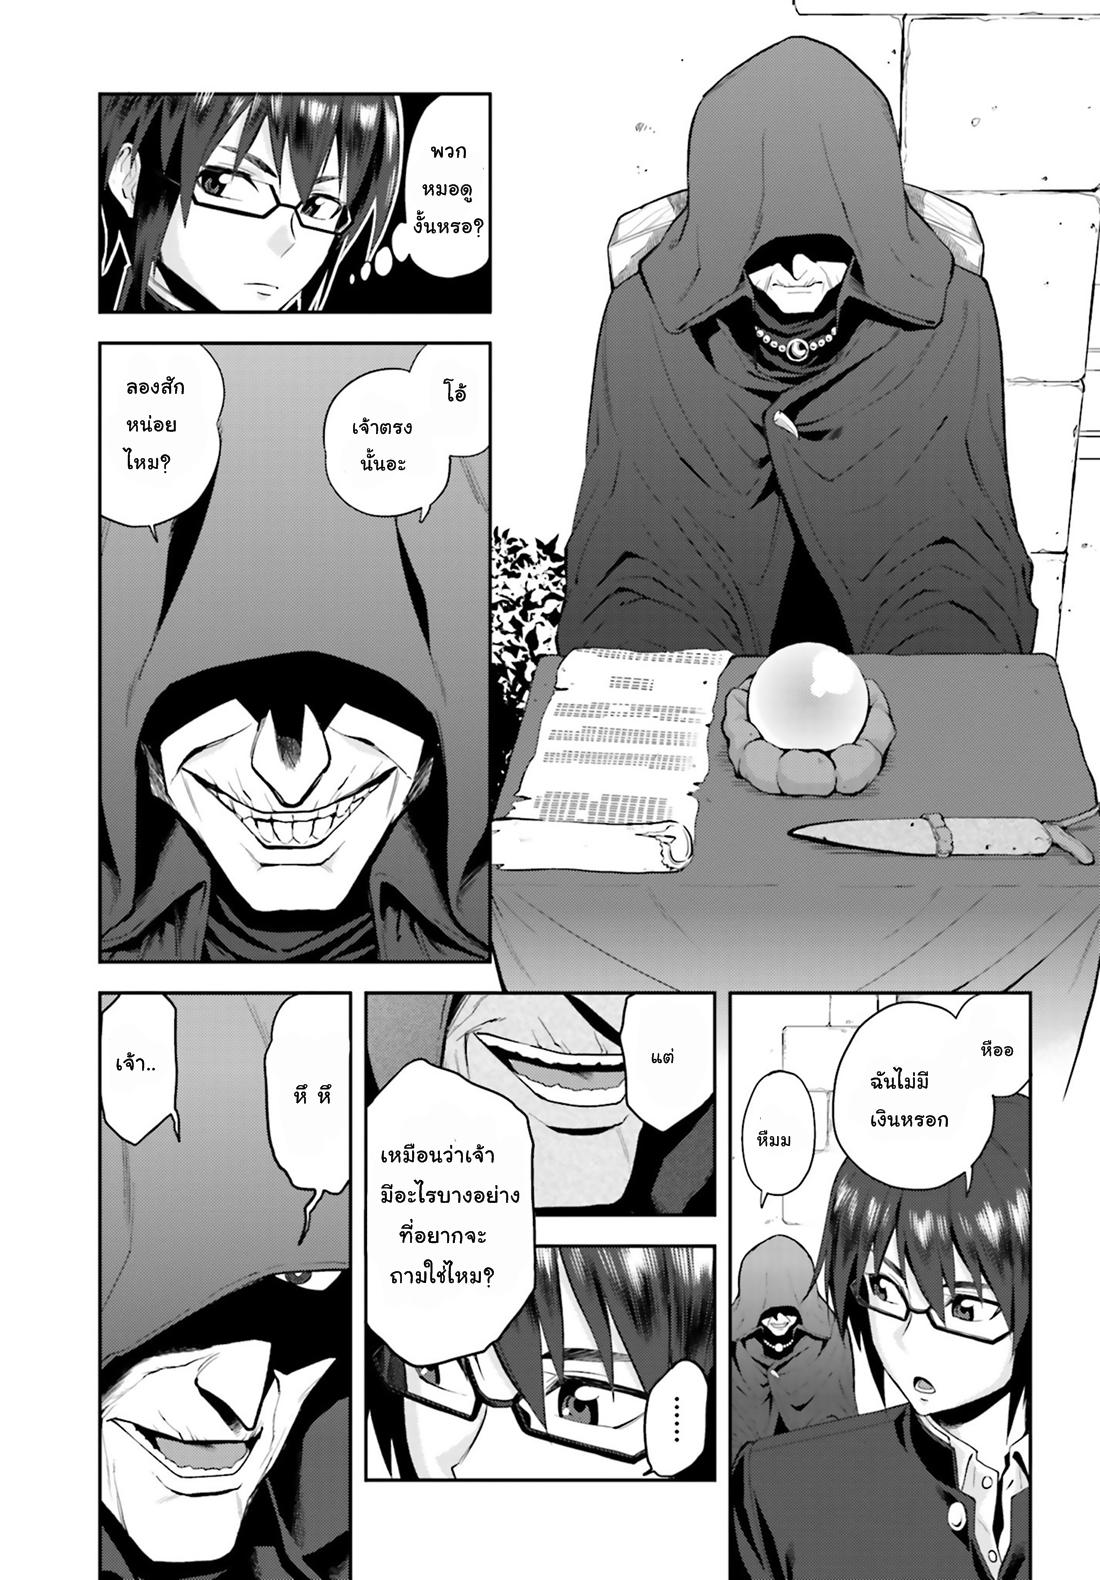 อ่านการ์ตูน Konjiki no Word Master 1 ภาพที่ 33